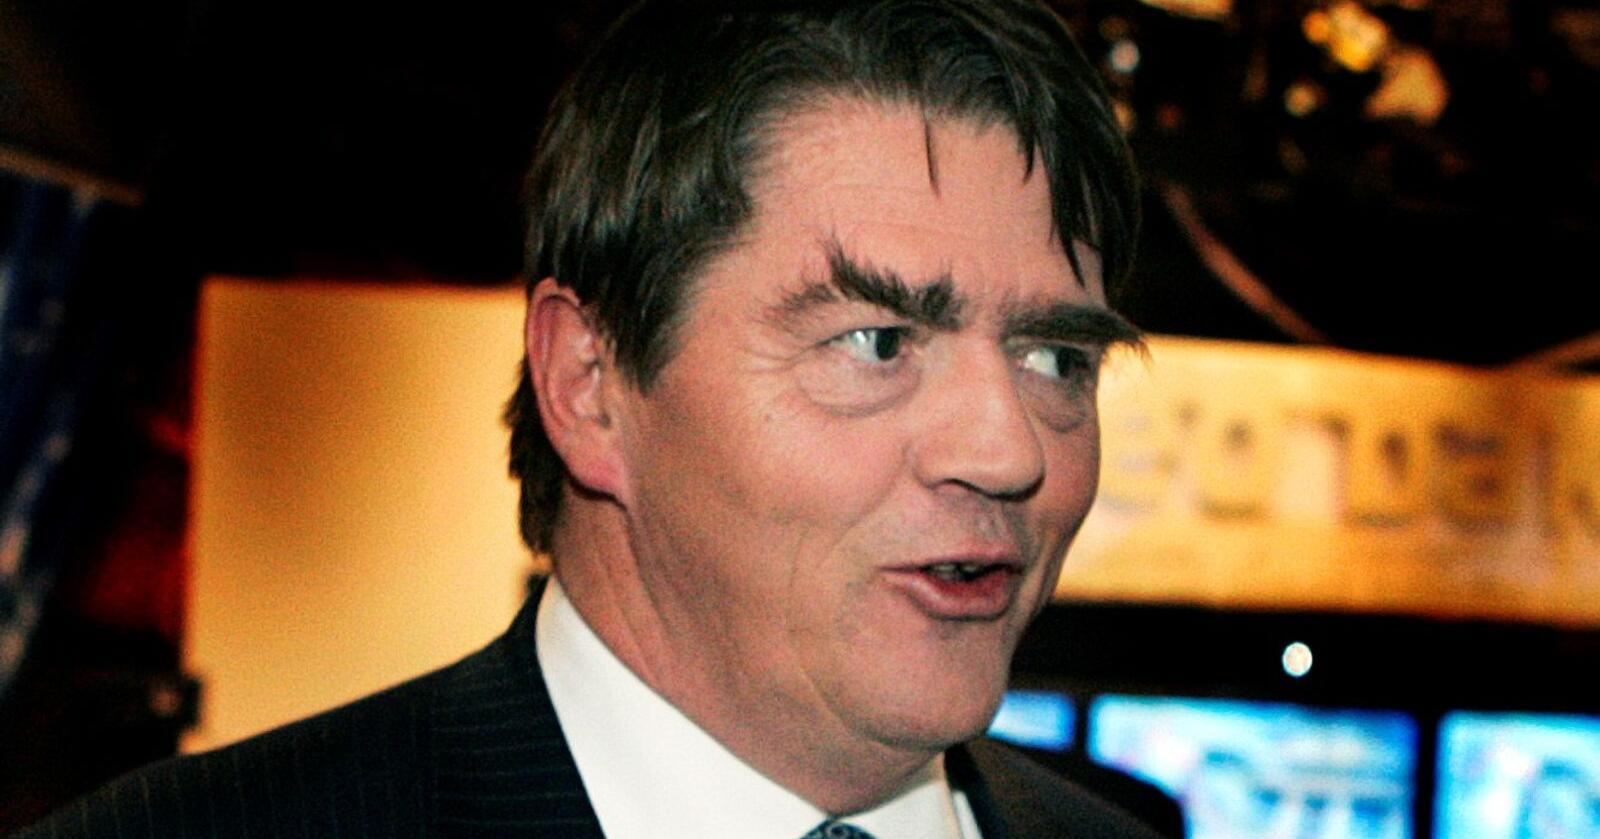 Aksjeforvalter: Jan Petter Sissener gir pengestøtte til Oslo Senterparti og vil ha Høyre-samarbeid for pengene. Foto: Knut Falch / NTB